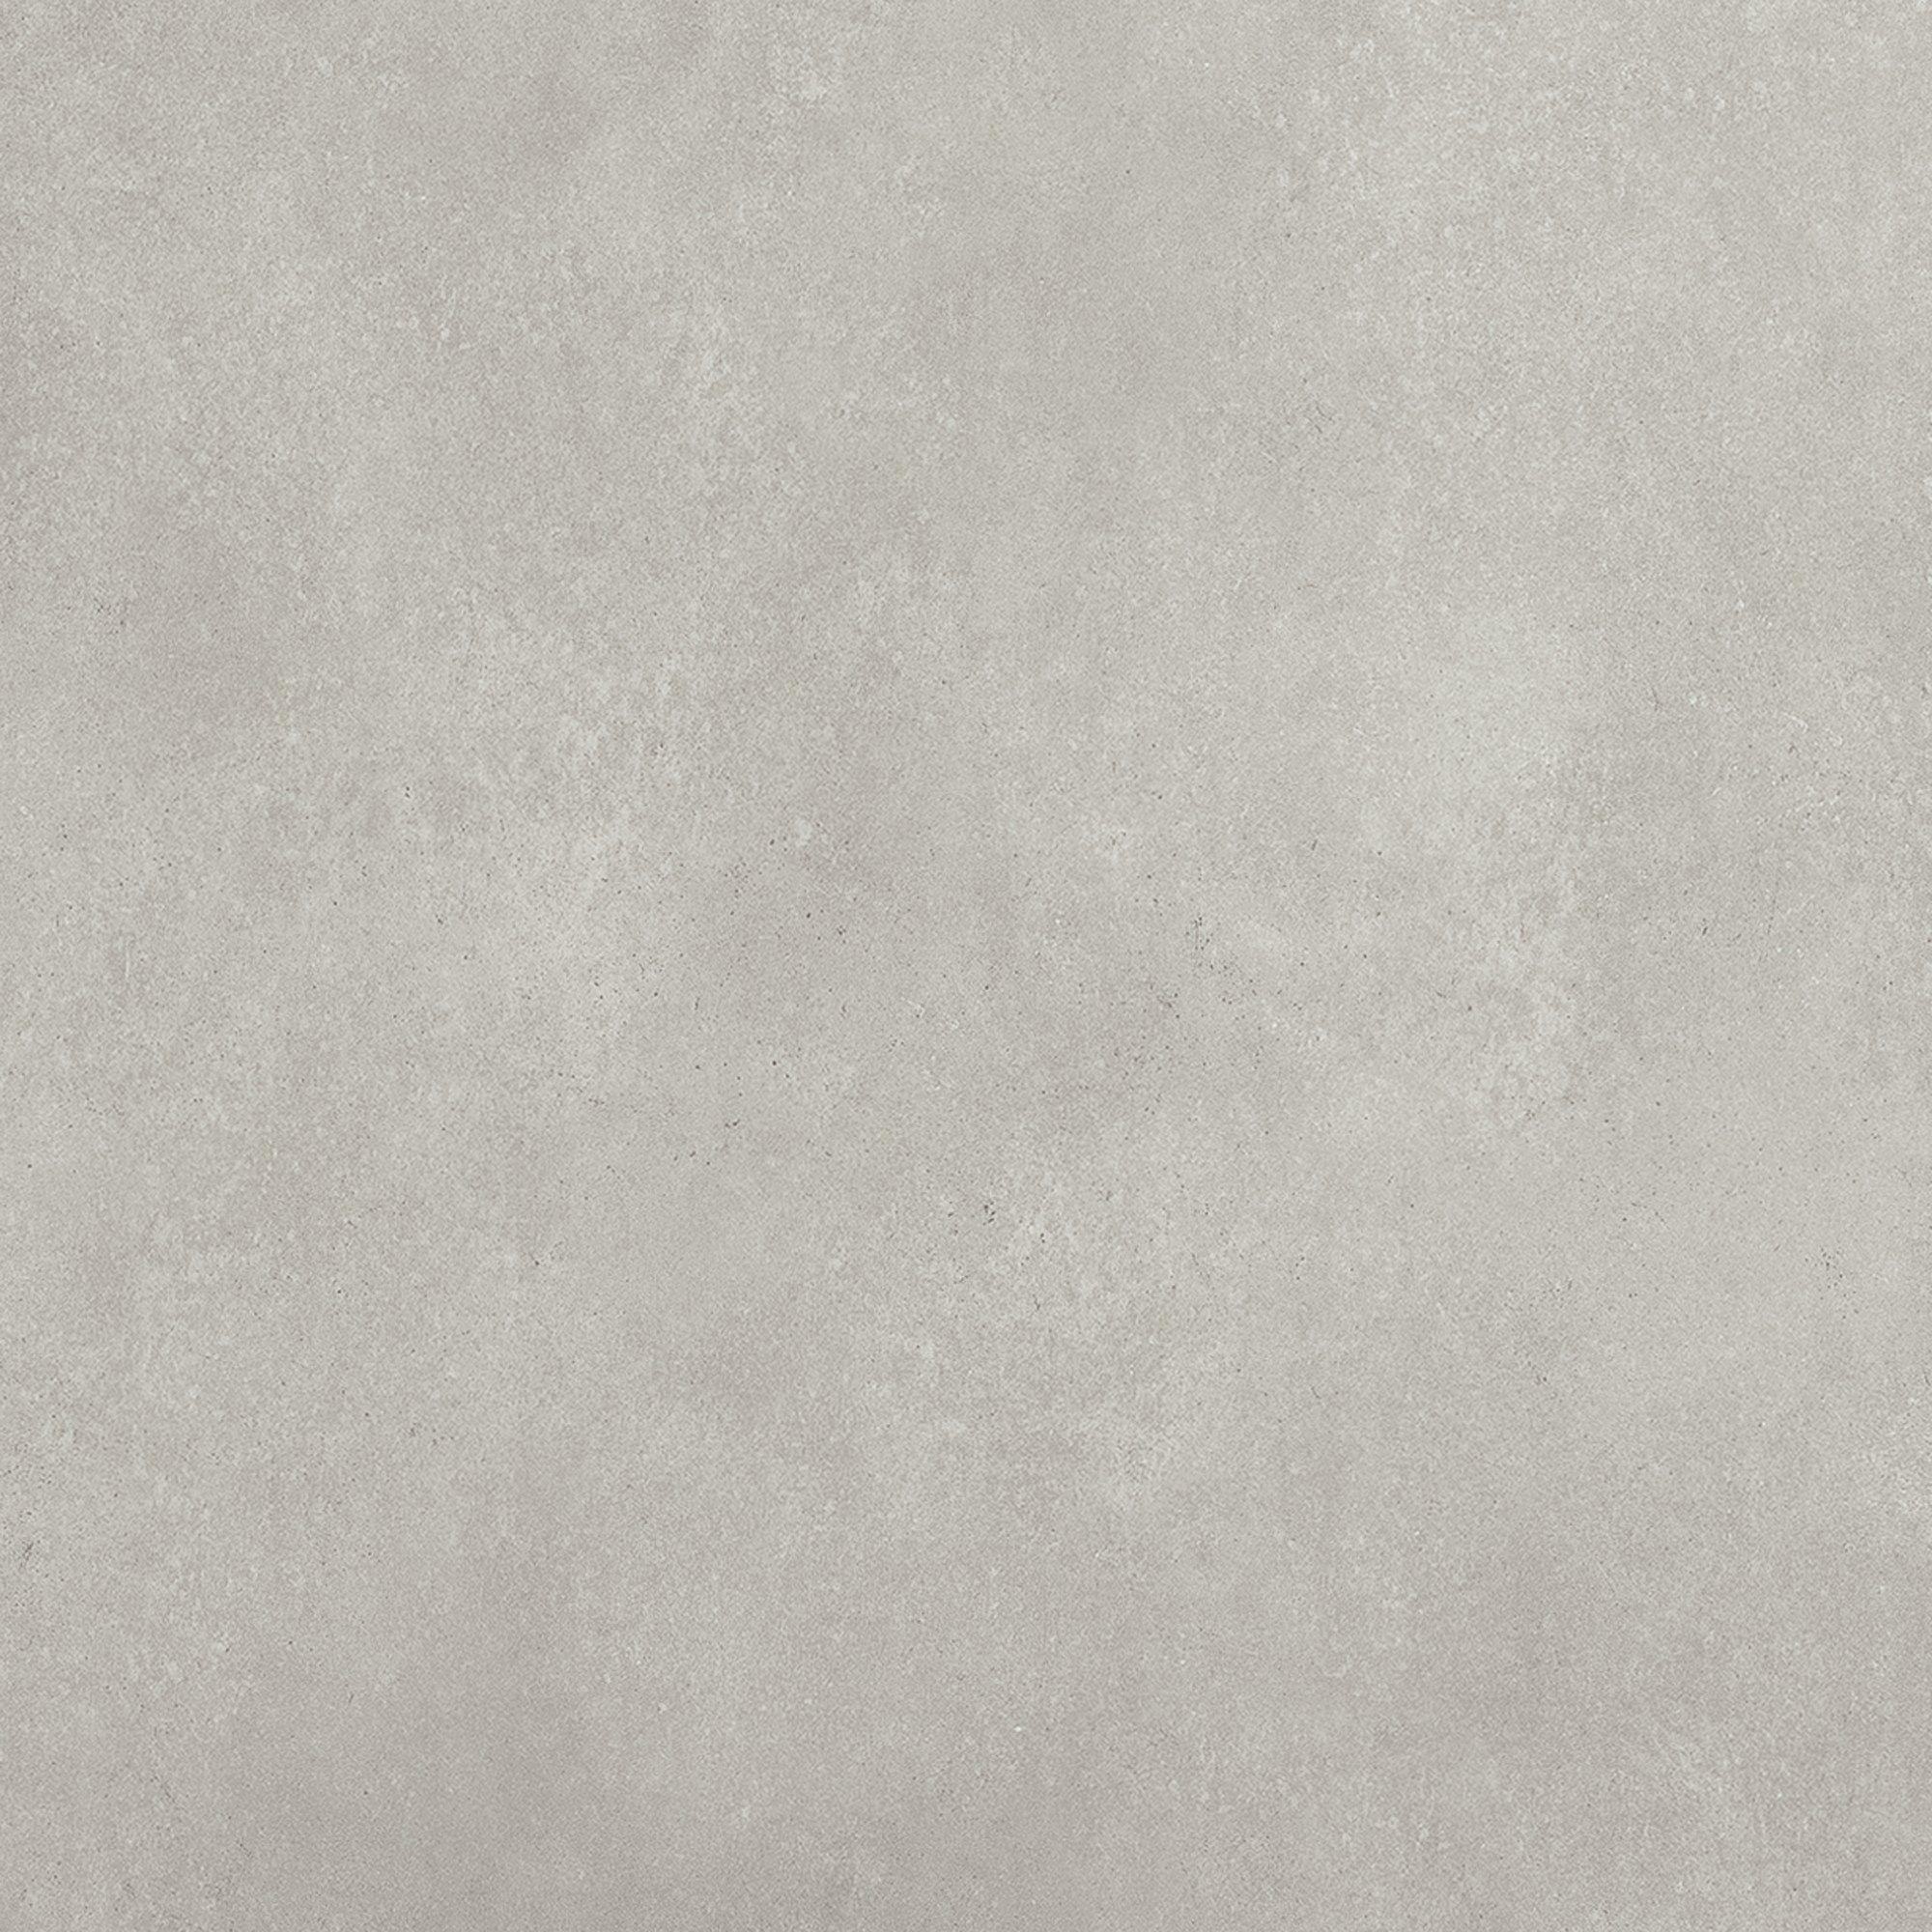 Kerlite Shop płyta wielkoformatowa spiek warcowy kerlite by cotto d este